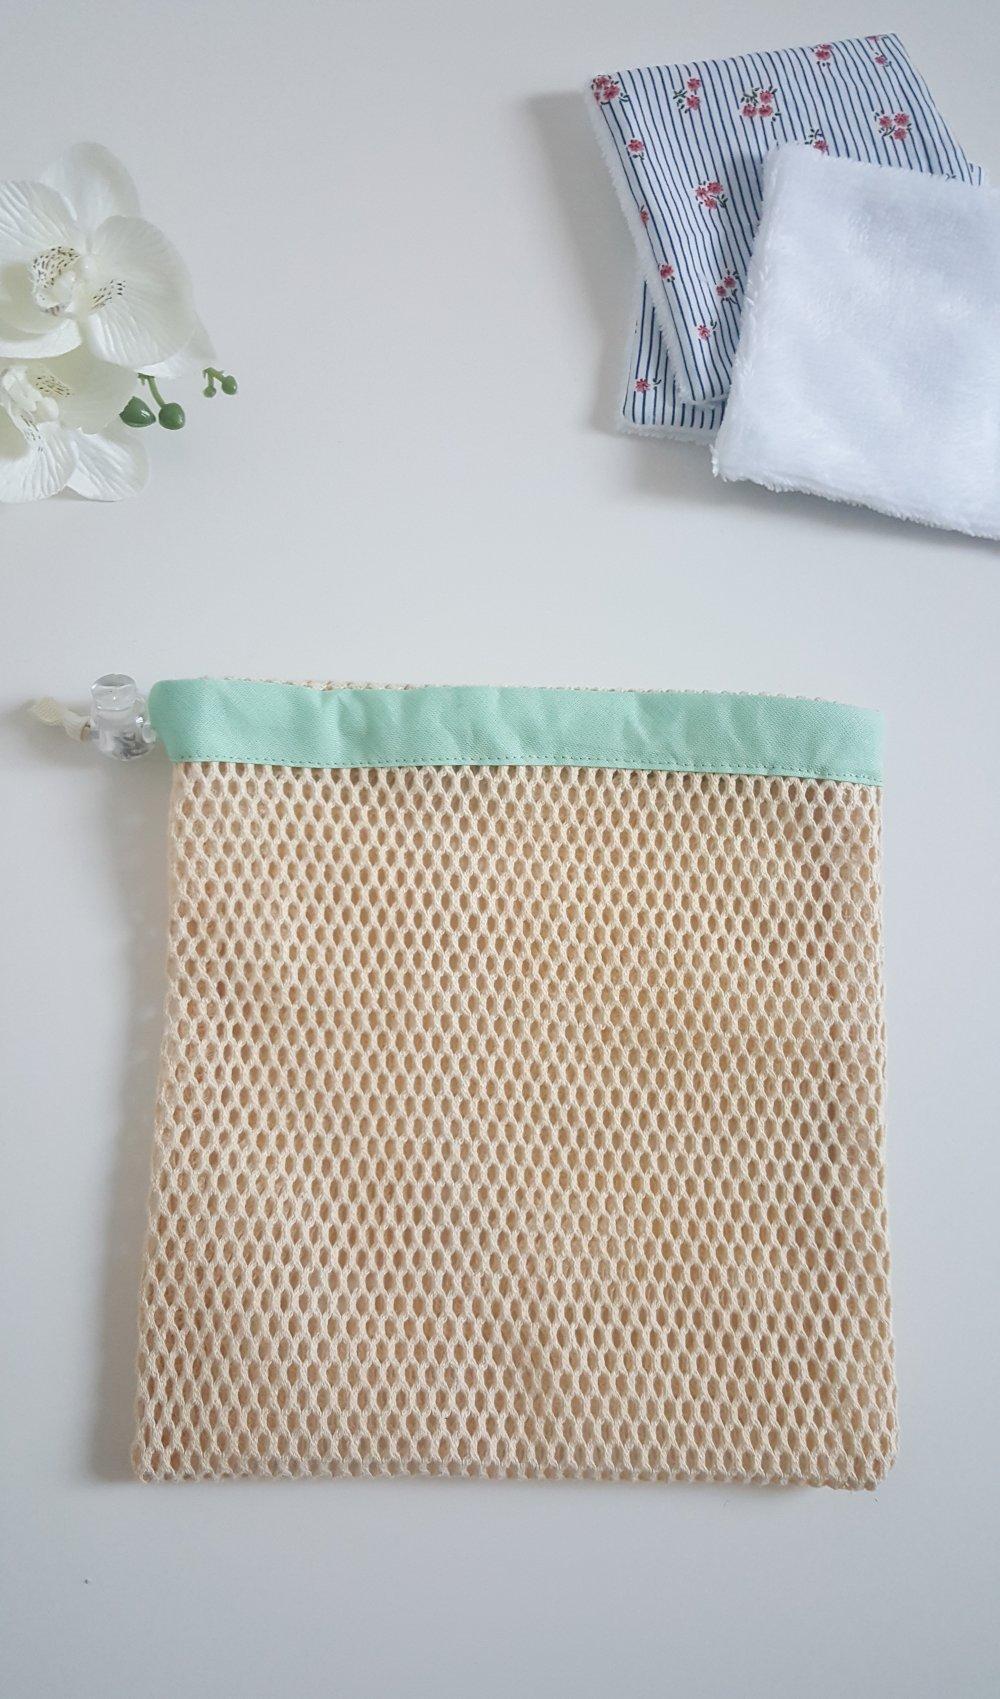 filet de lavage pour lingettes bandeau vert pâle